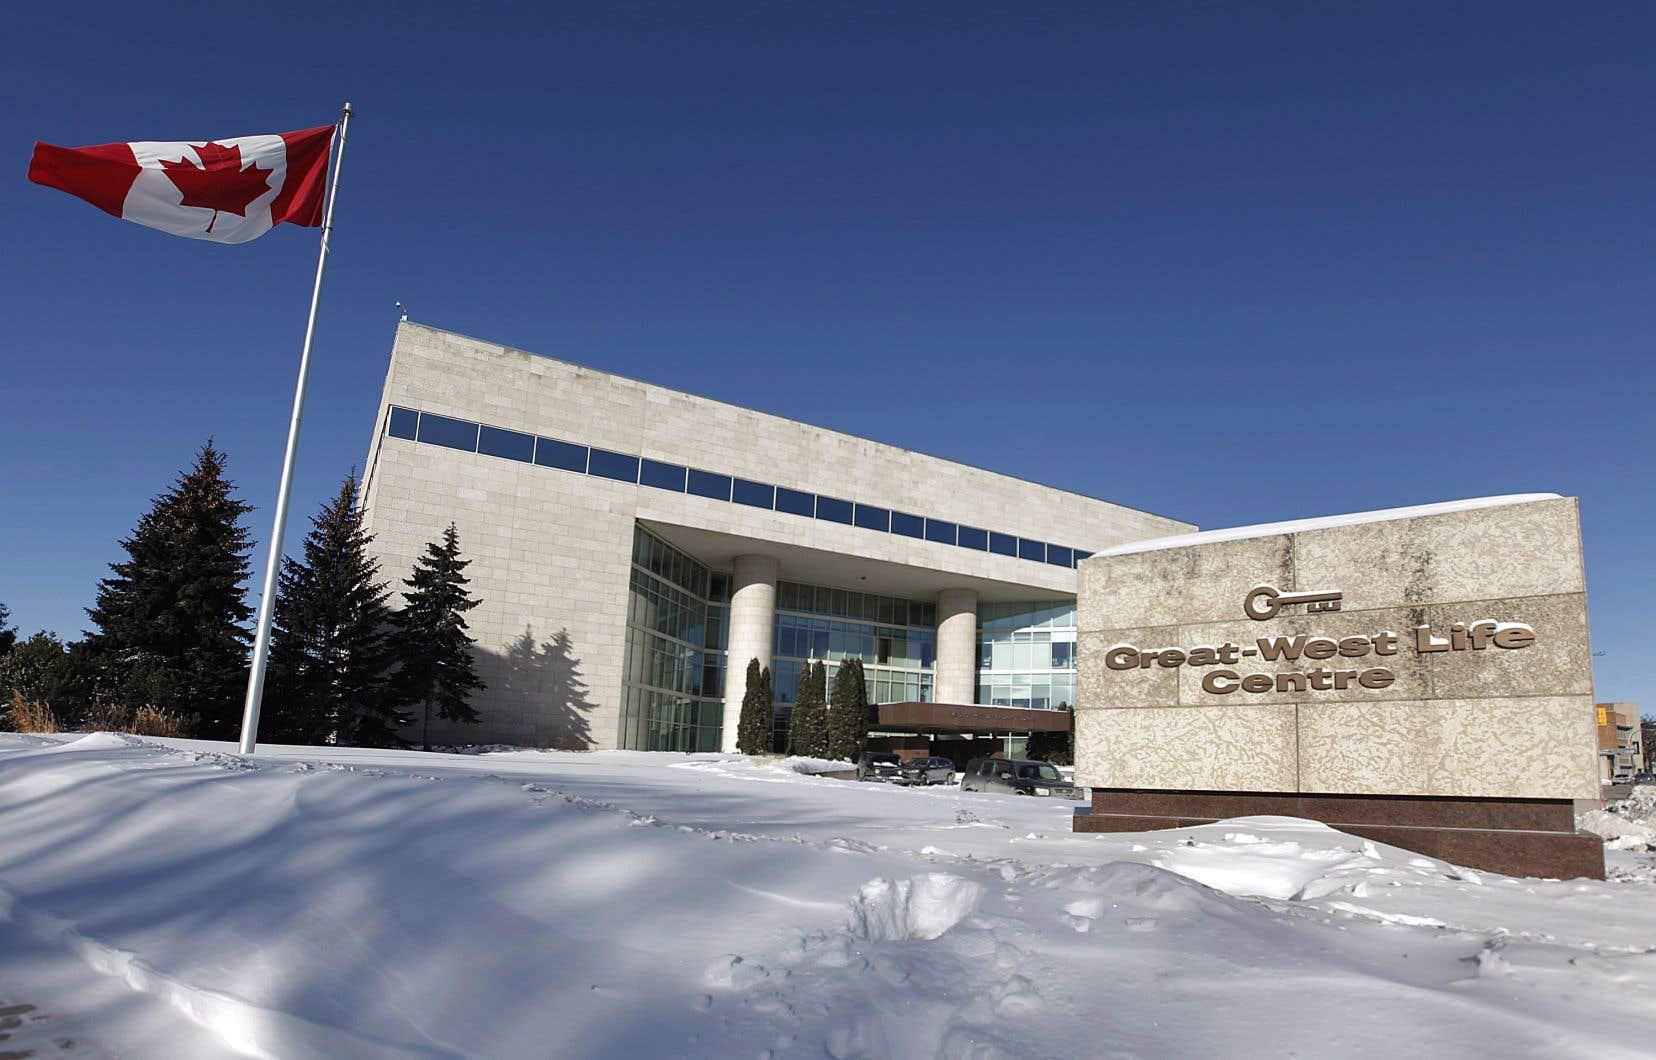 Spécialisée dans l'assurance et l'épargne-retraite, la Great-West est basée à Winnipeg et abrite d'autres noms connus comme la London Life et Canada-Vie.